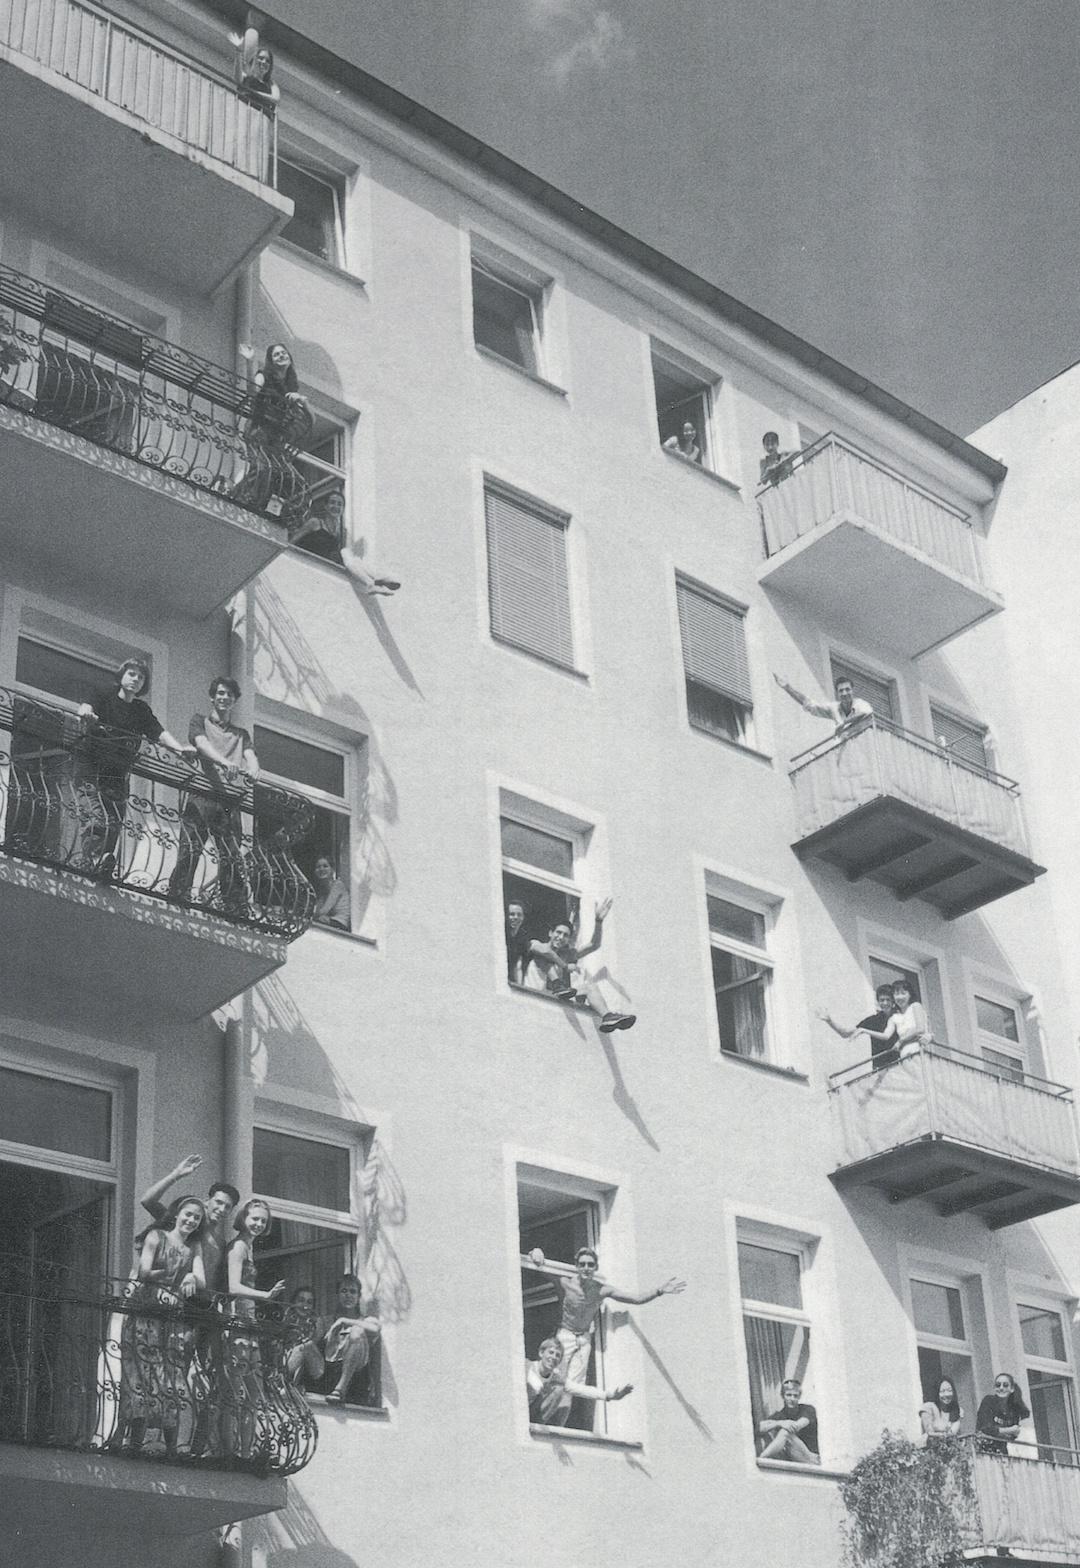 Wohnheim Heinz Bosl Stiftung